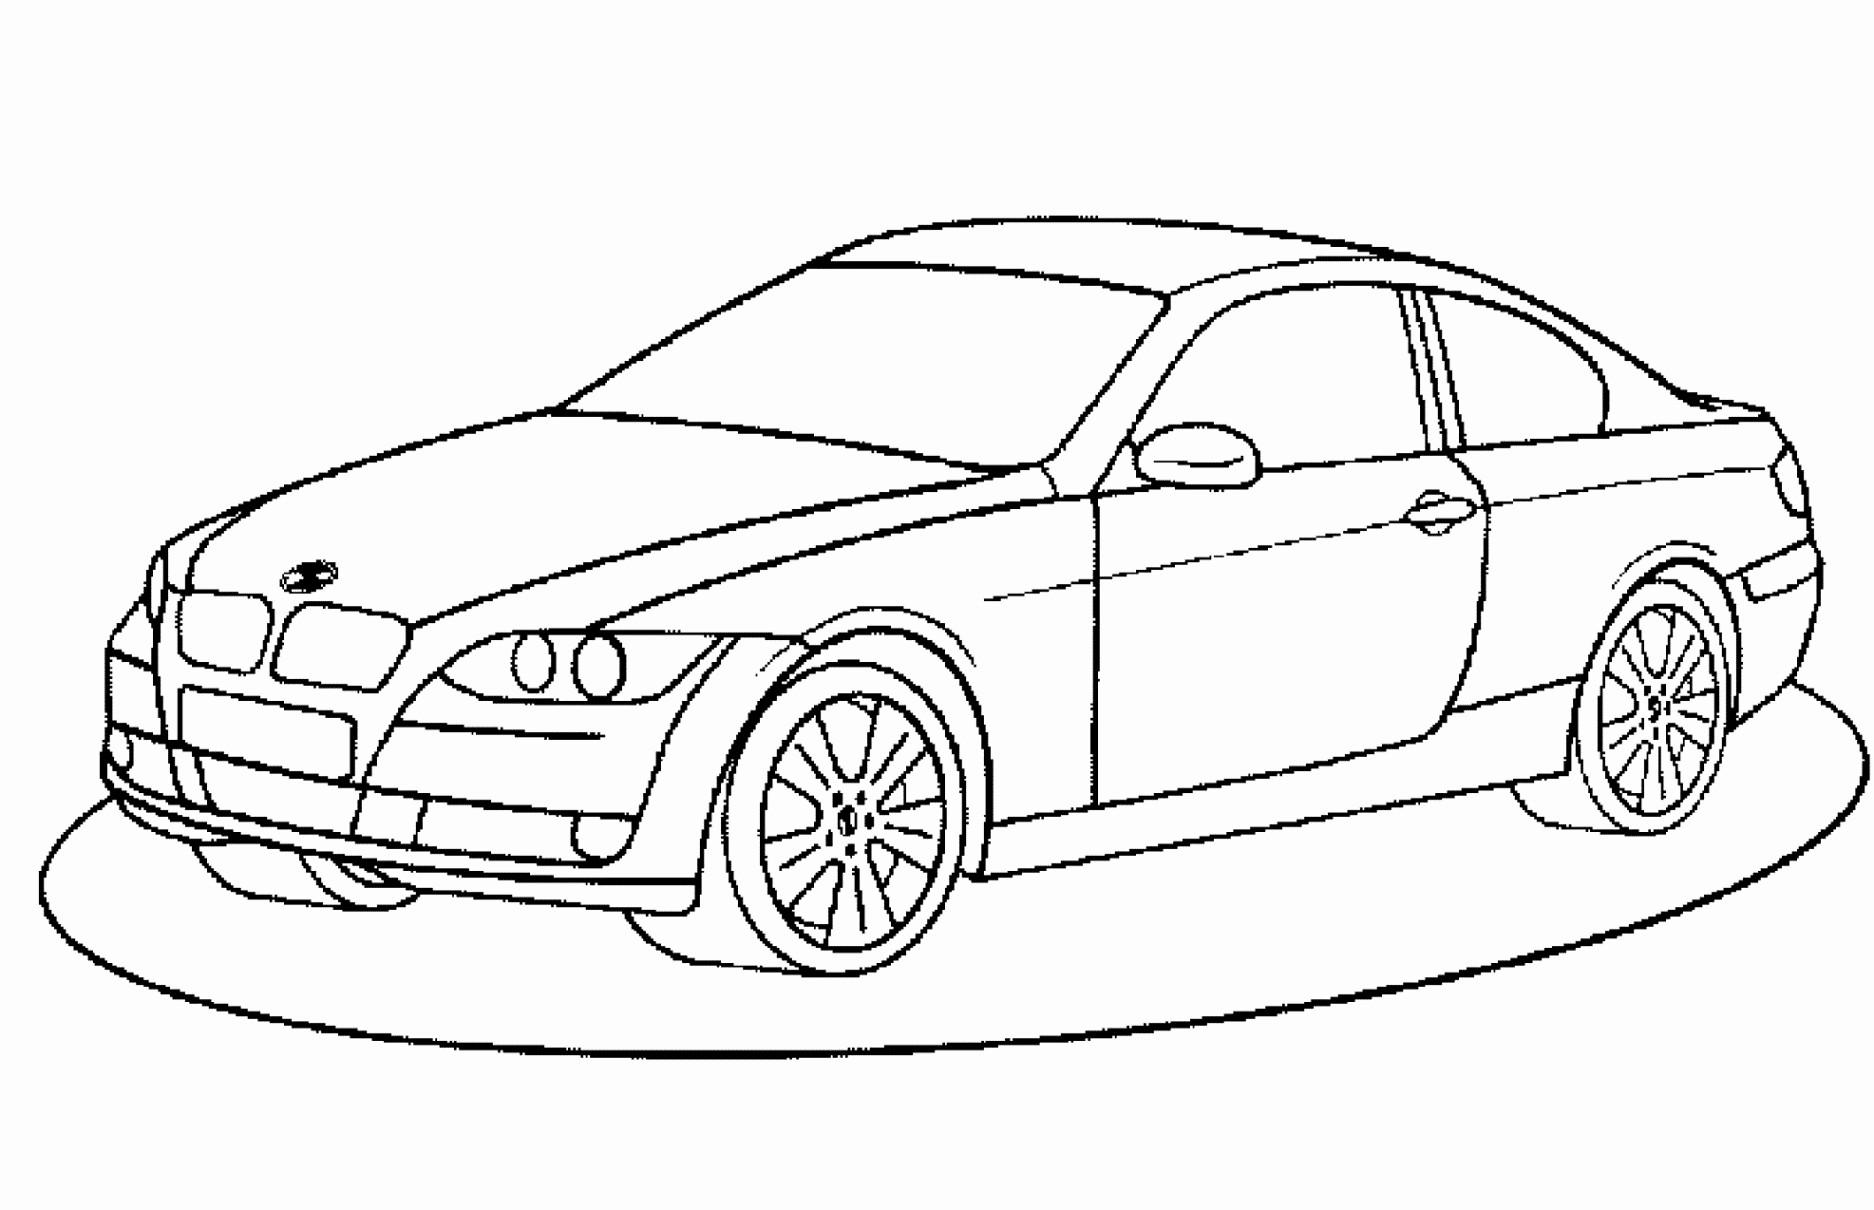 Ausmalbilder Rennauto Inspirierend Auto Bilder Zum Ausdrucken Schön Auto Ausmalbilder Porsche Das Bild